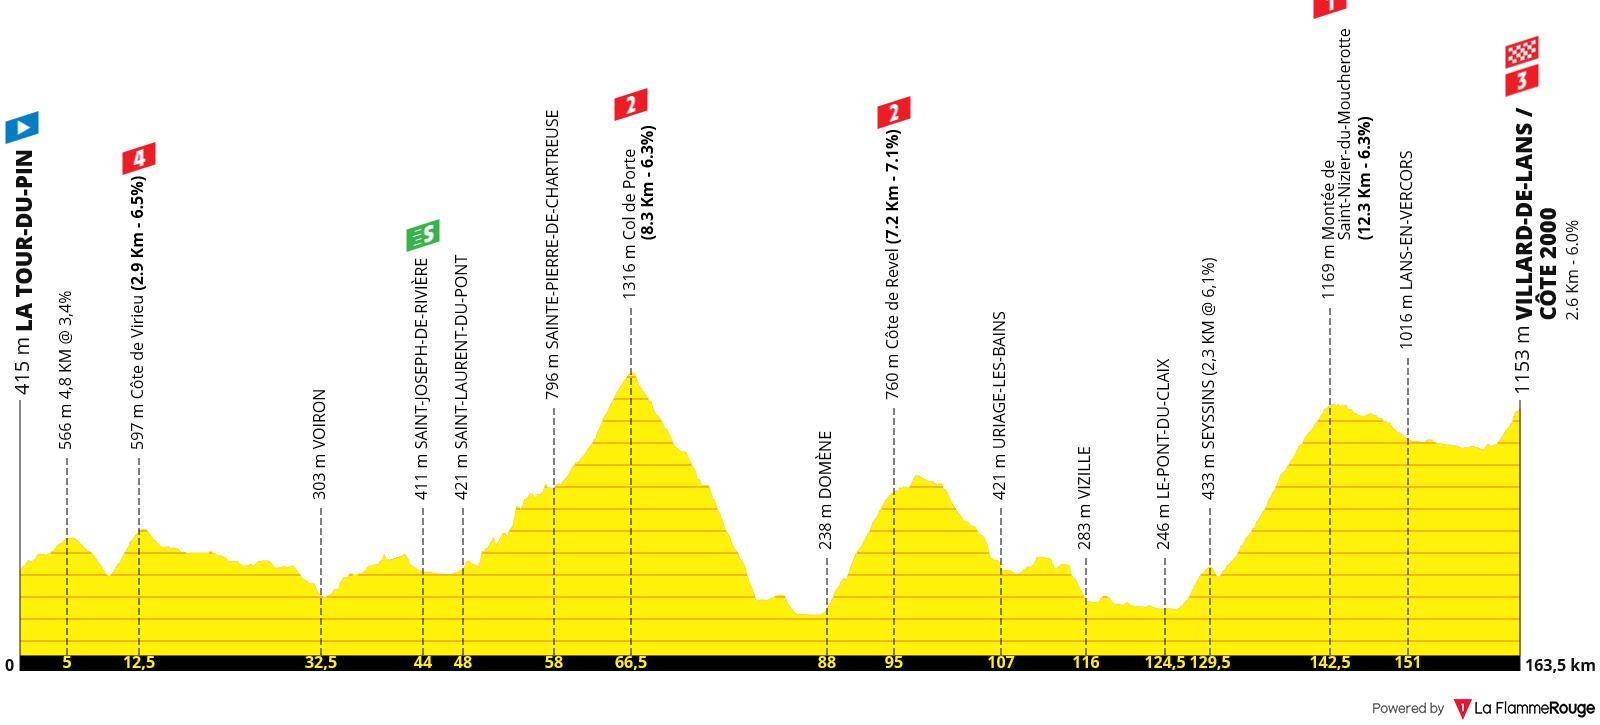 Perfil Etapa 16 - Tour de Francia 2020 - La Tour-du-Pin > Villard-de-Lans 164km